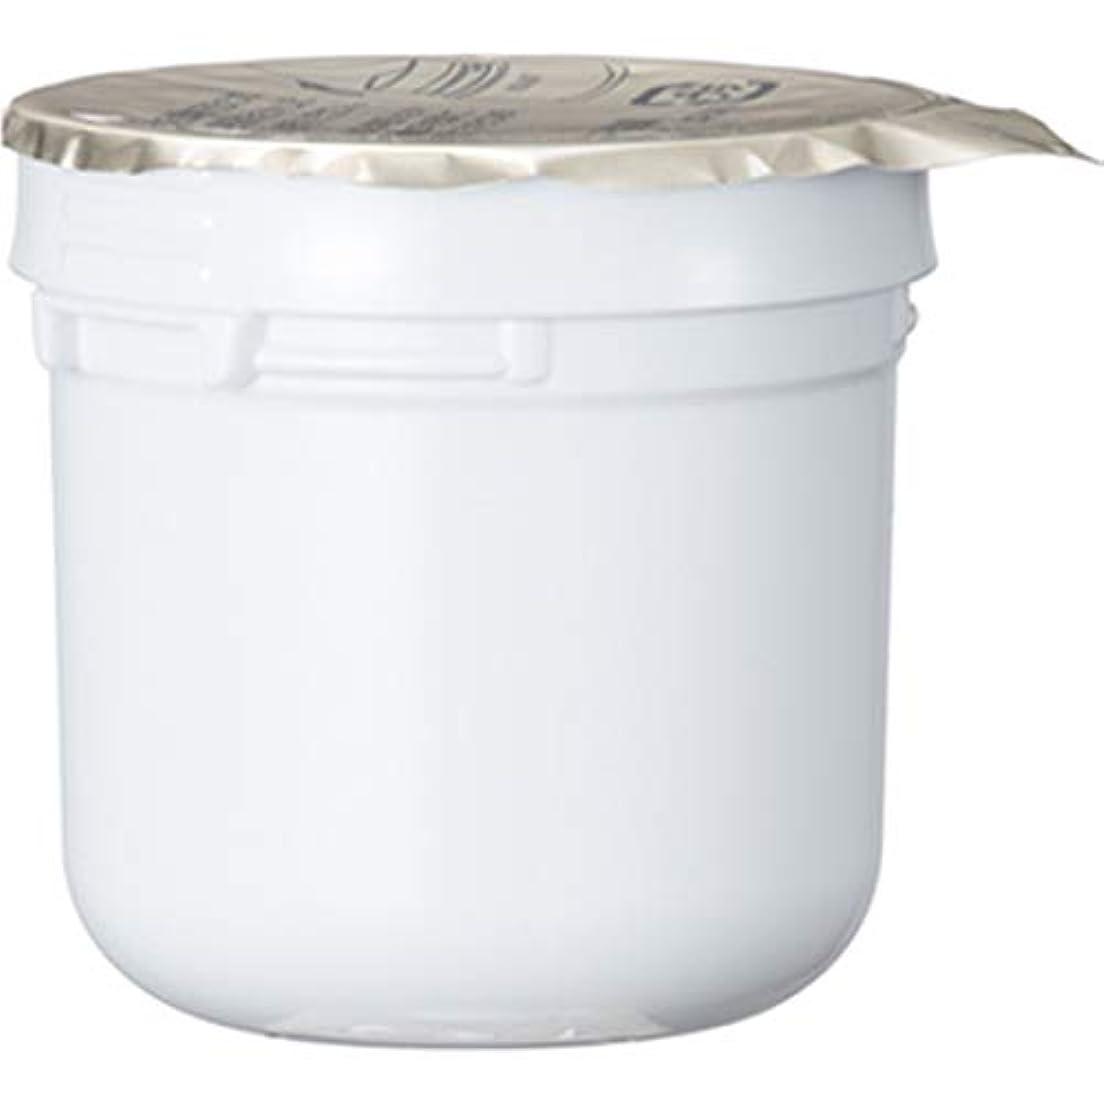 ローブ偽物注ぎますASTALIFT(アスタリフト) ホワイト クリーム(美白クリーム)レフィル 30g [並行輸入品]